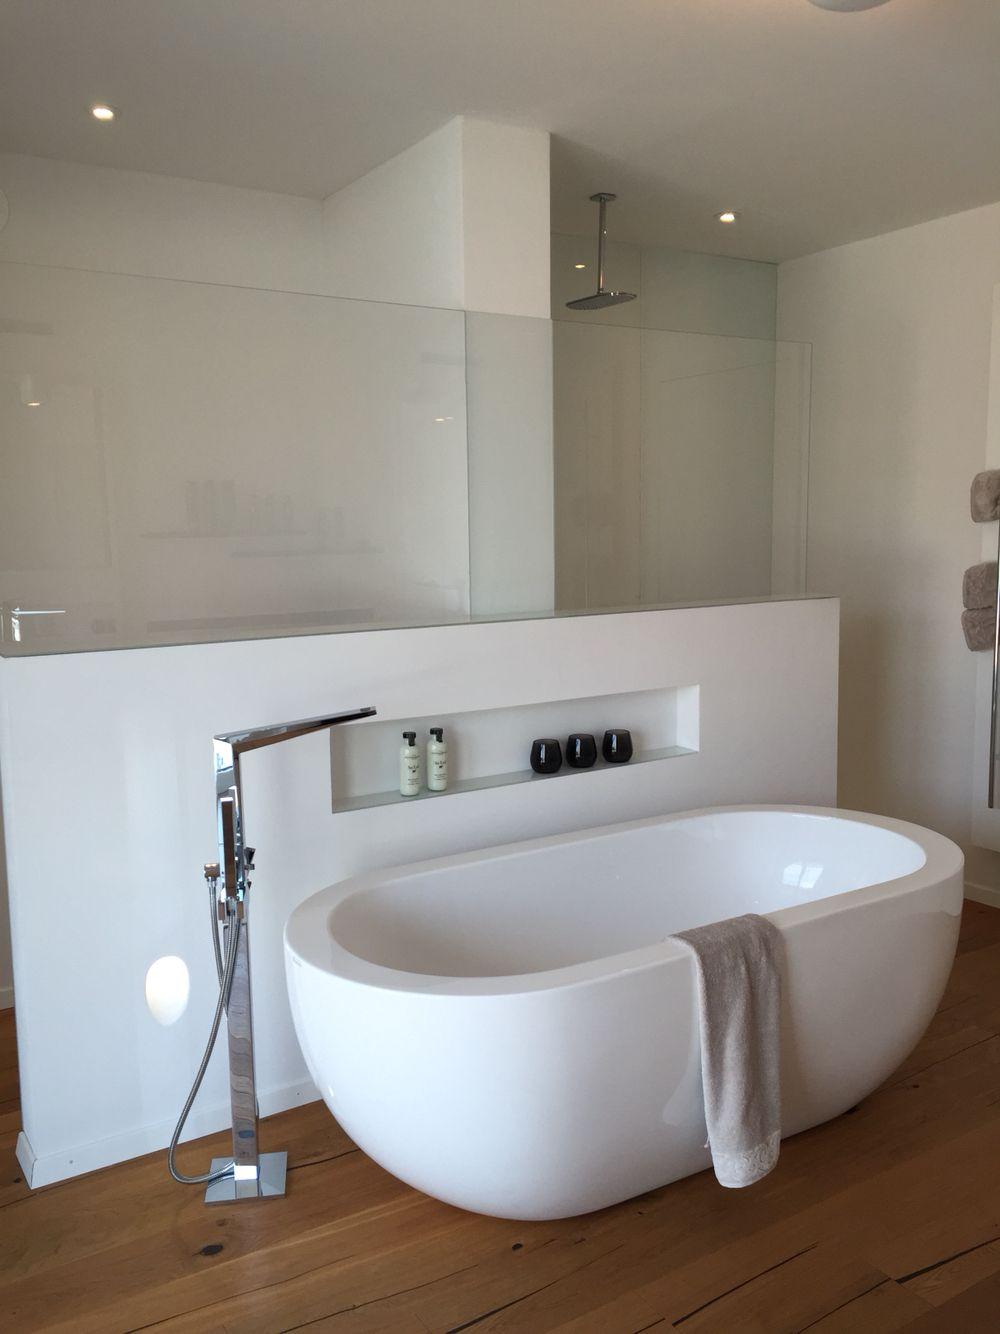 Badewanne Mit Abstellmoglichkeit In Wand Badezimmer Badewanne Baden